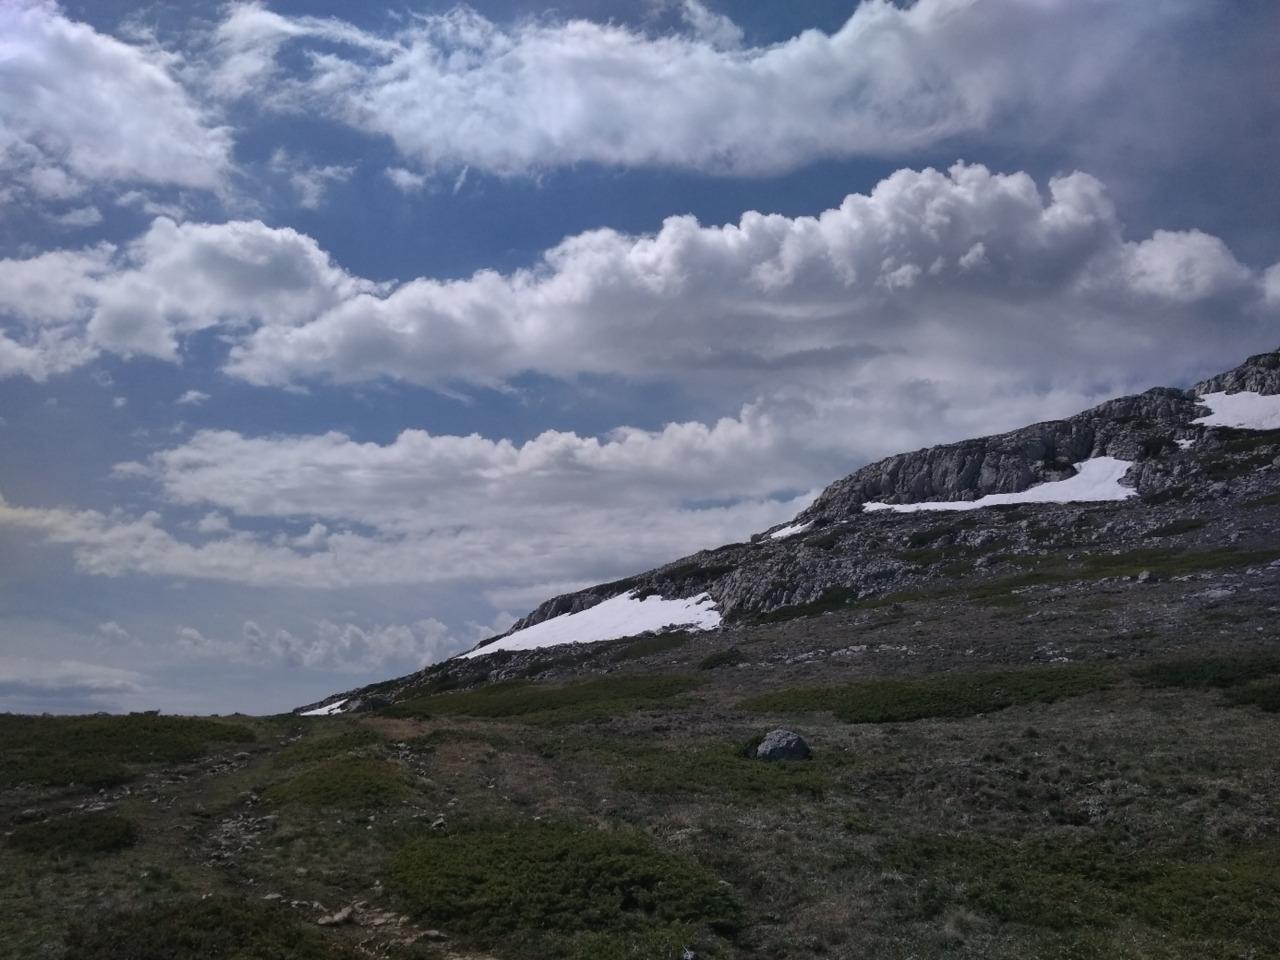 Трекинг на вершину Чатыр-Даг - индивидуальная экскурсия в Алуште от опытного гида